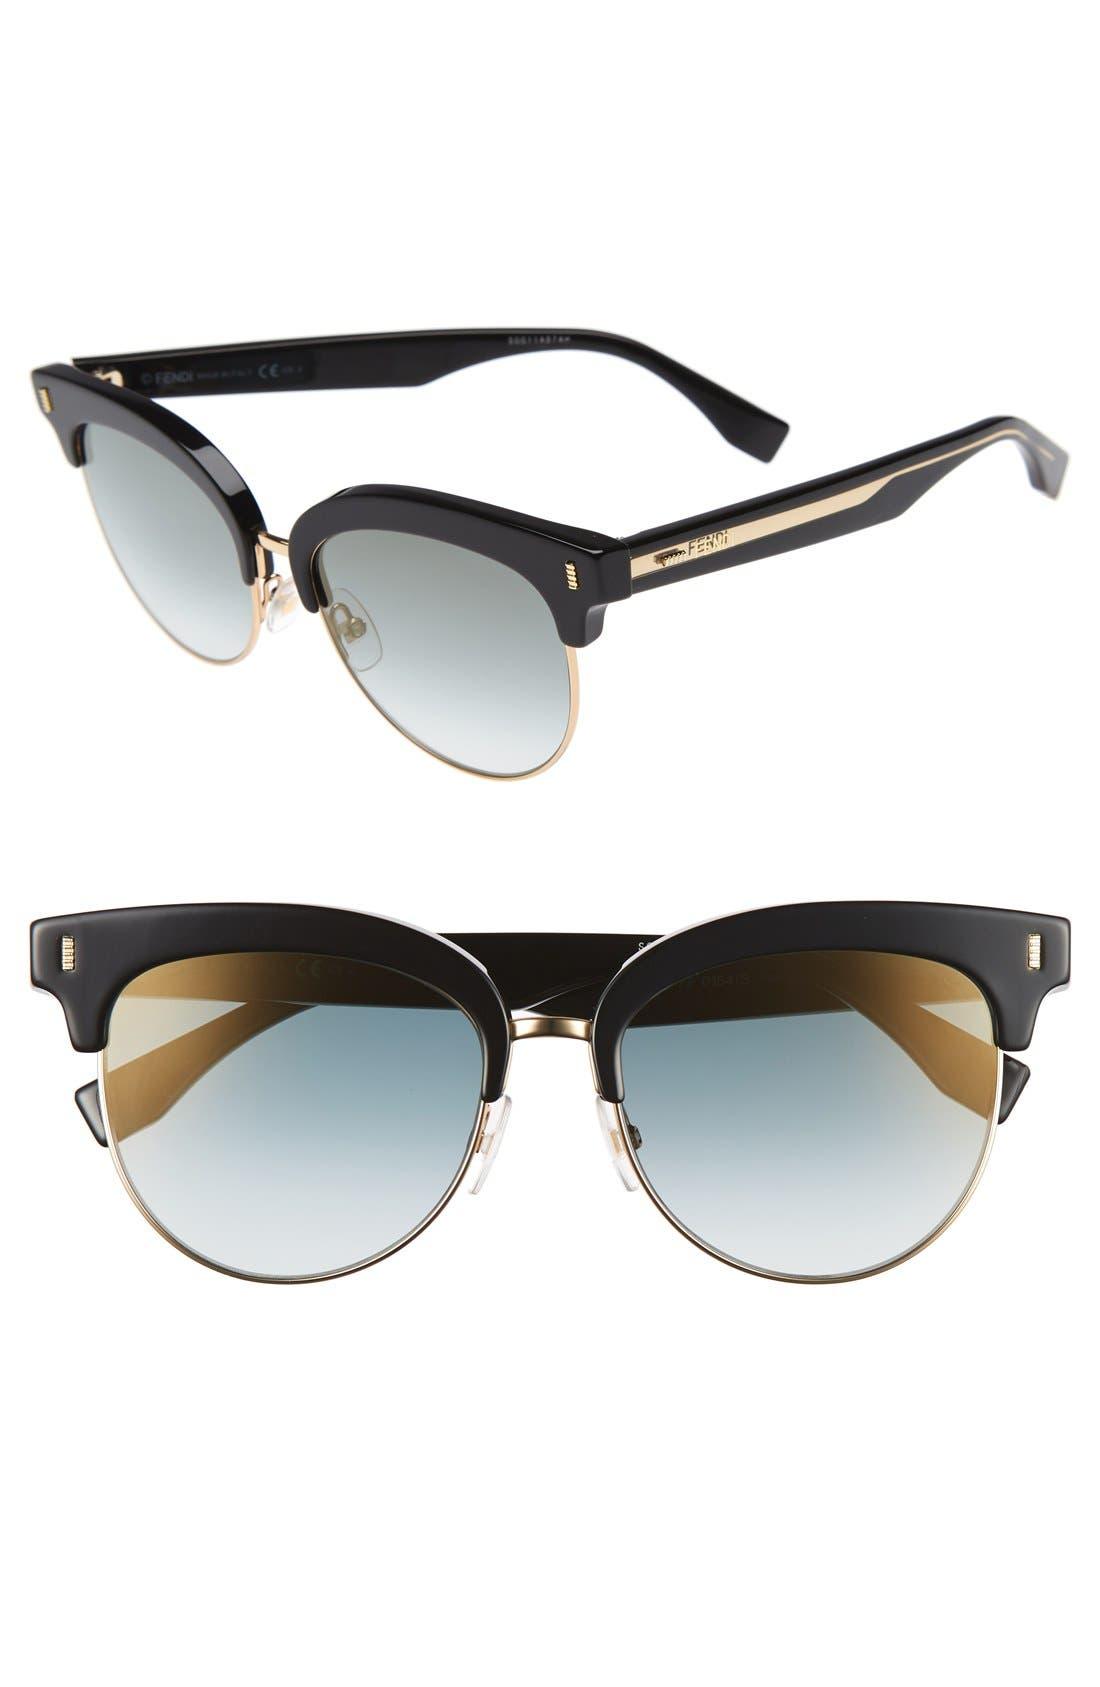 Fendi 54mm Sunglasses